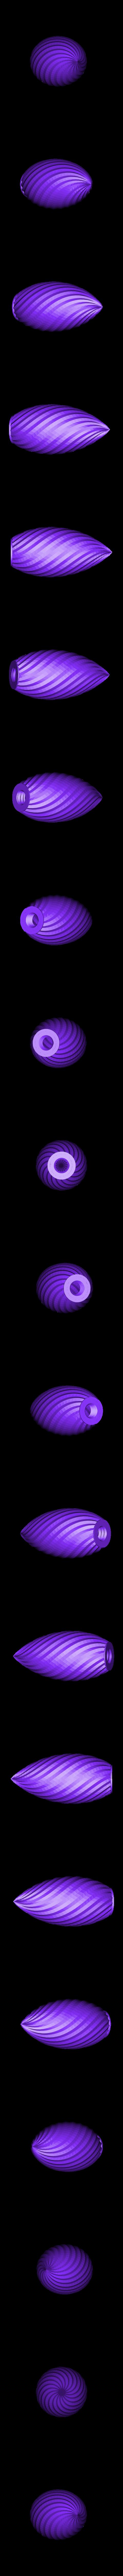 bulb_twist.stl Télécharger fichier STL gratuit 5mm LED Christmas Light • Plan imprimable en 3D, Zheng3